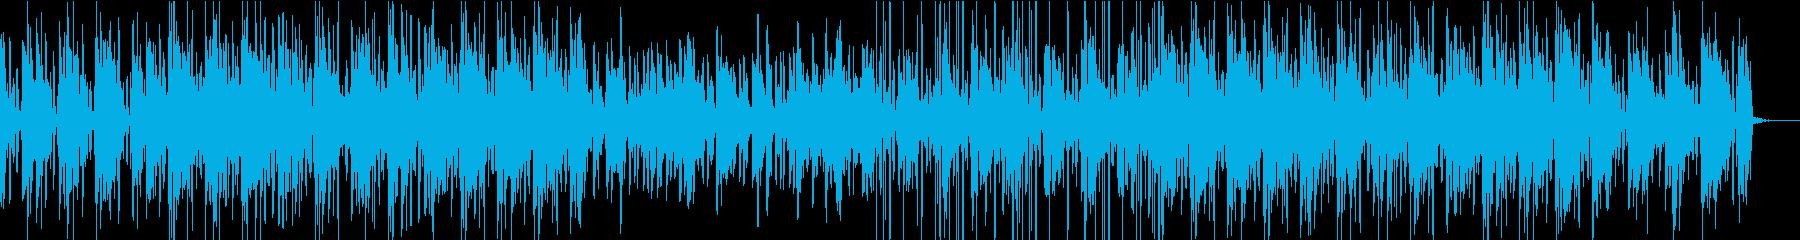 エレクトロピアノの軽快な楽曲の再生済みの波形